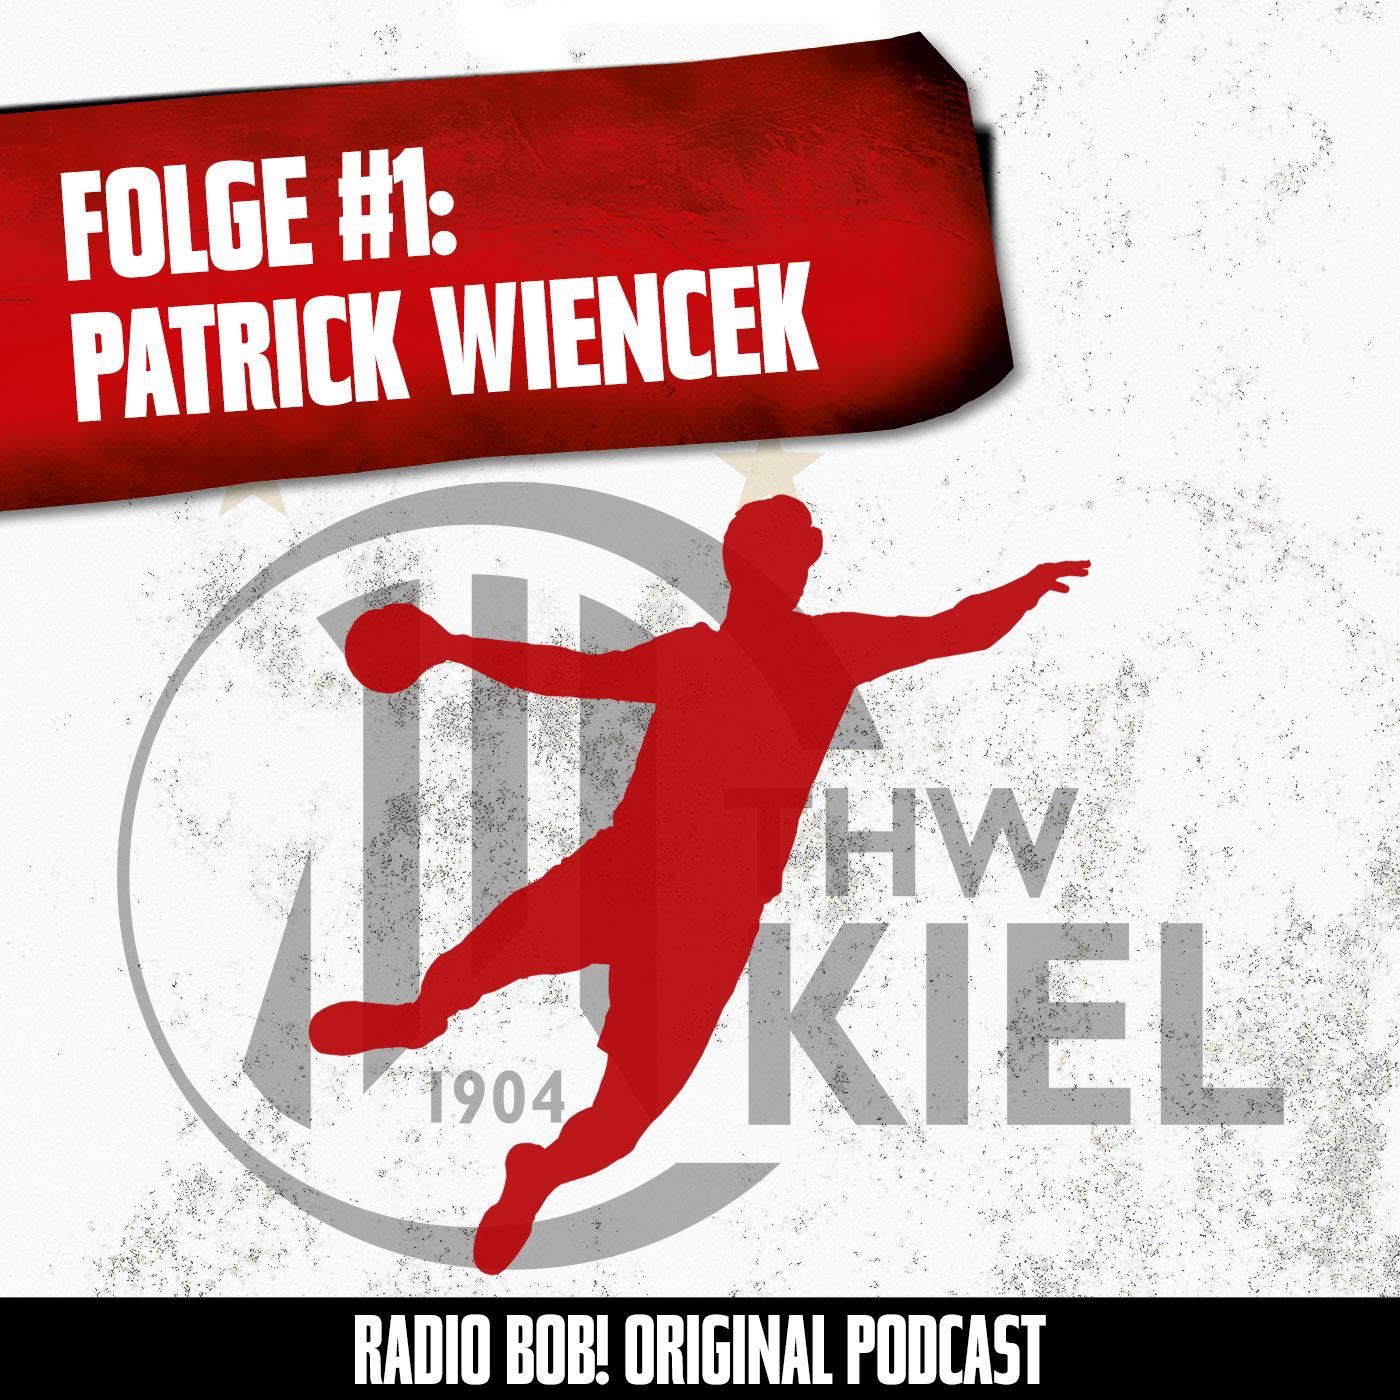 #1: Patrick Wiencek